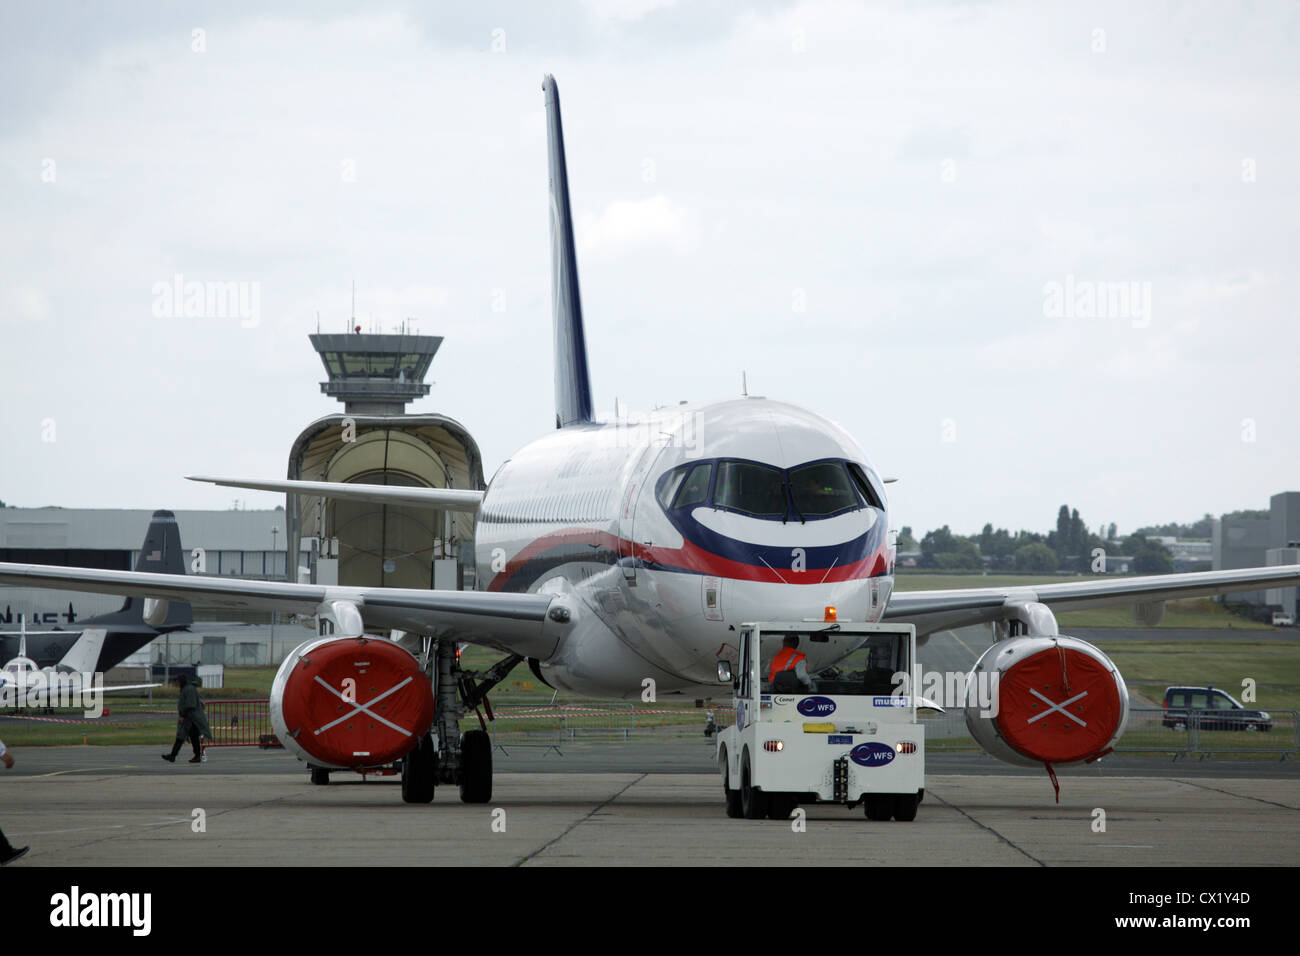 L'agence ITAR-TASS: PARIS, FRANCE. Le 20 juin 2011. Sukhoi SuperJet 100 sur l'affichage à la 2011 International Banque D'Images